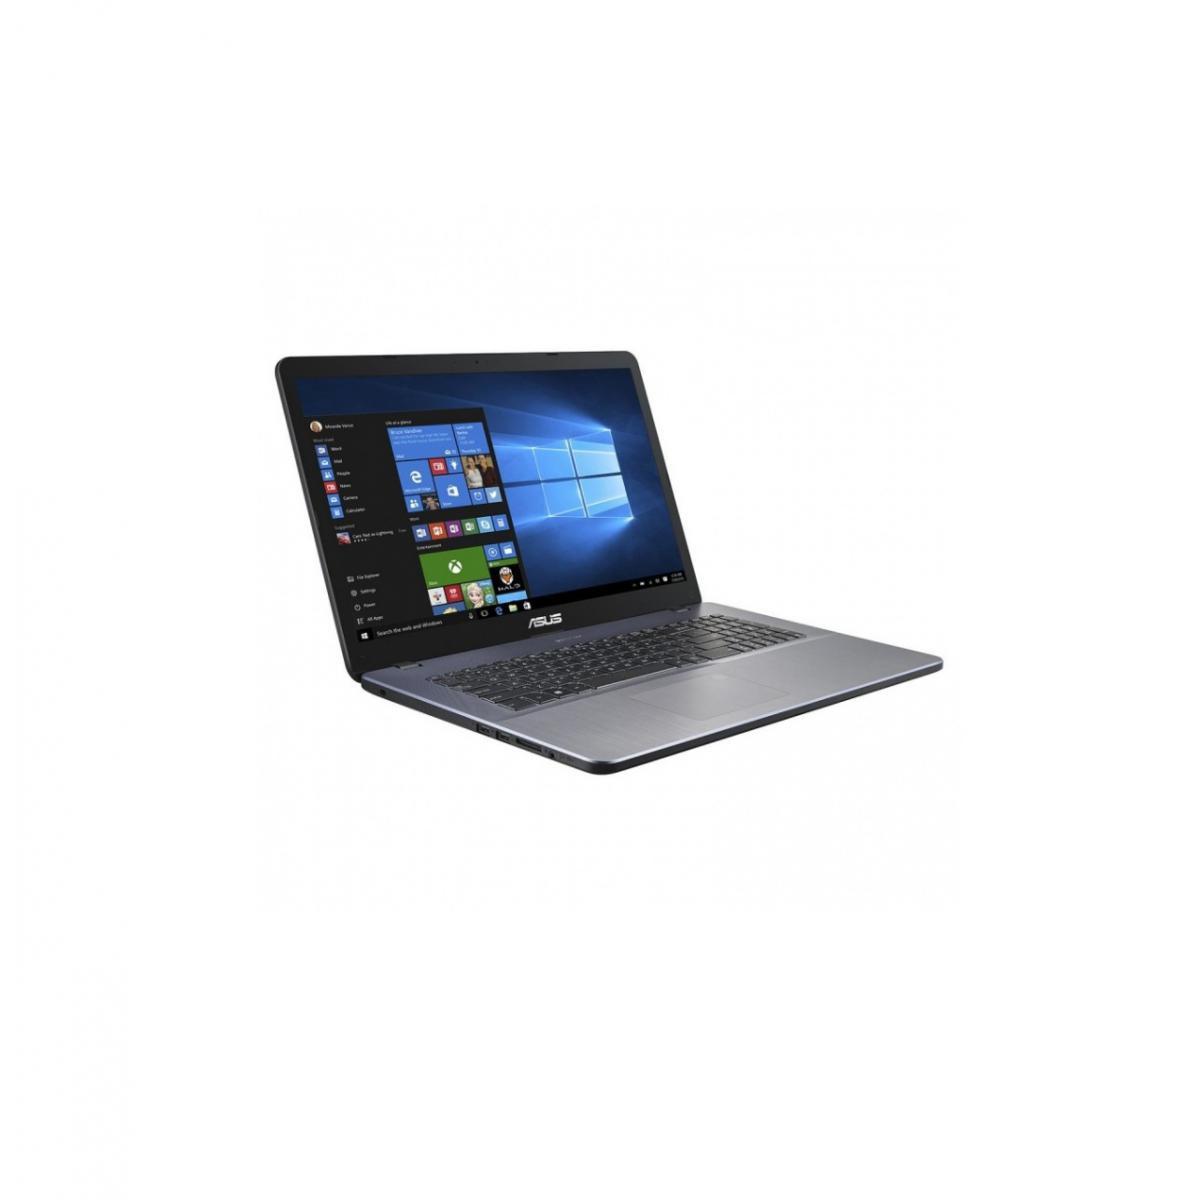 Asus VivoBook 17 X705MA-BX179T - Gris